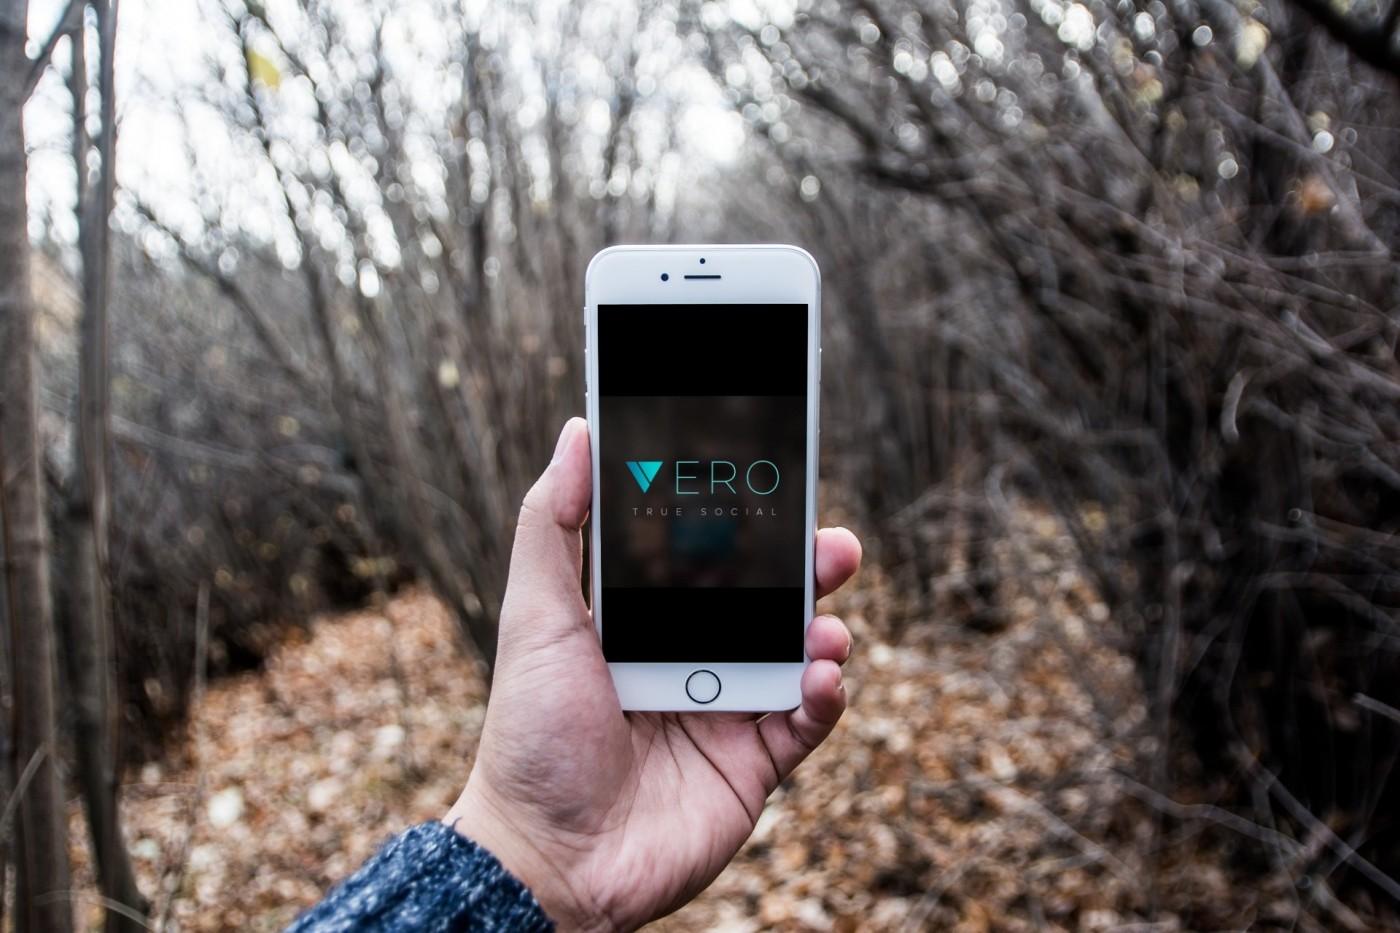 被譽為下一個Instagram,社群軟體Vero爆紅了,然後呢?